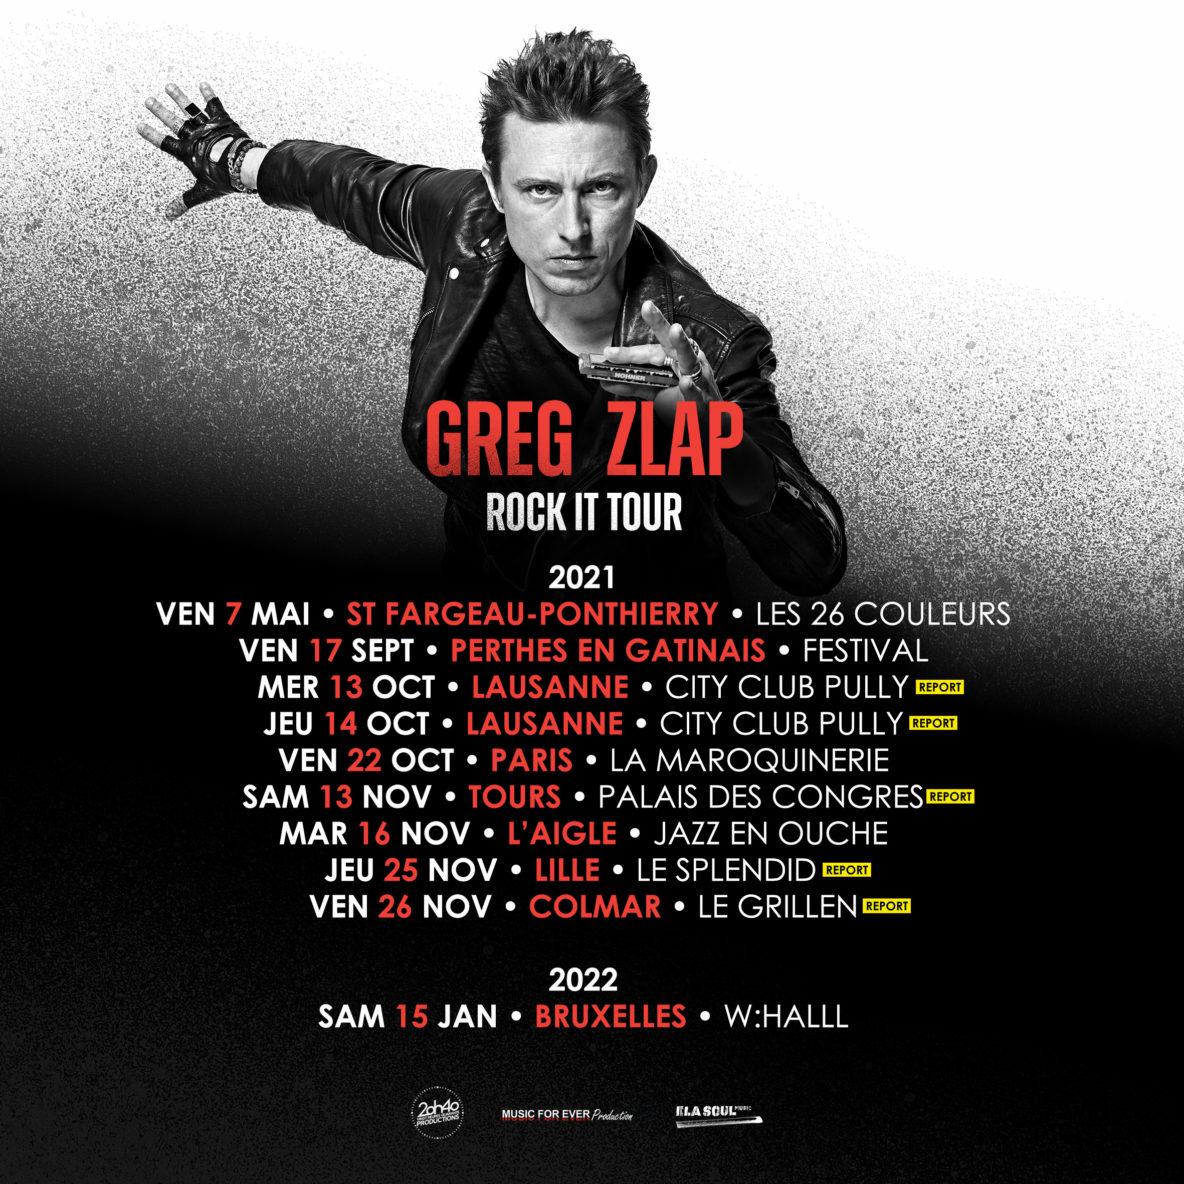 GREG ZLAP tRock it Tour nouvelles dates 2022